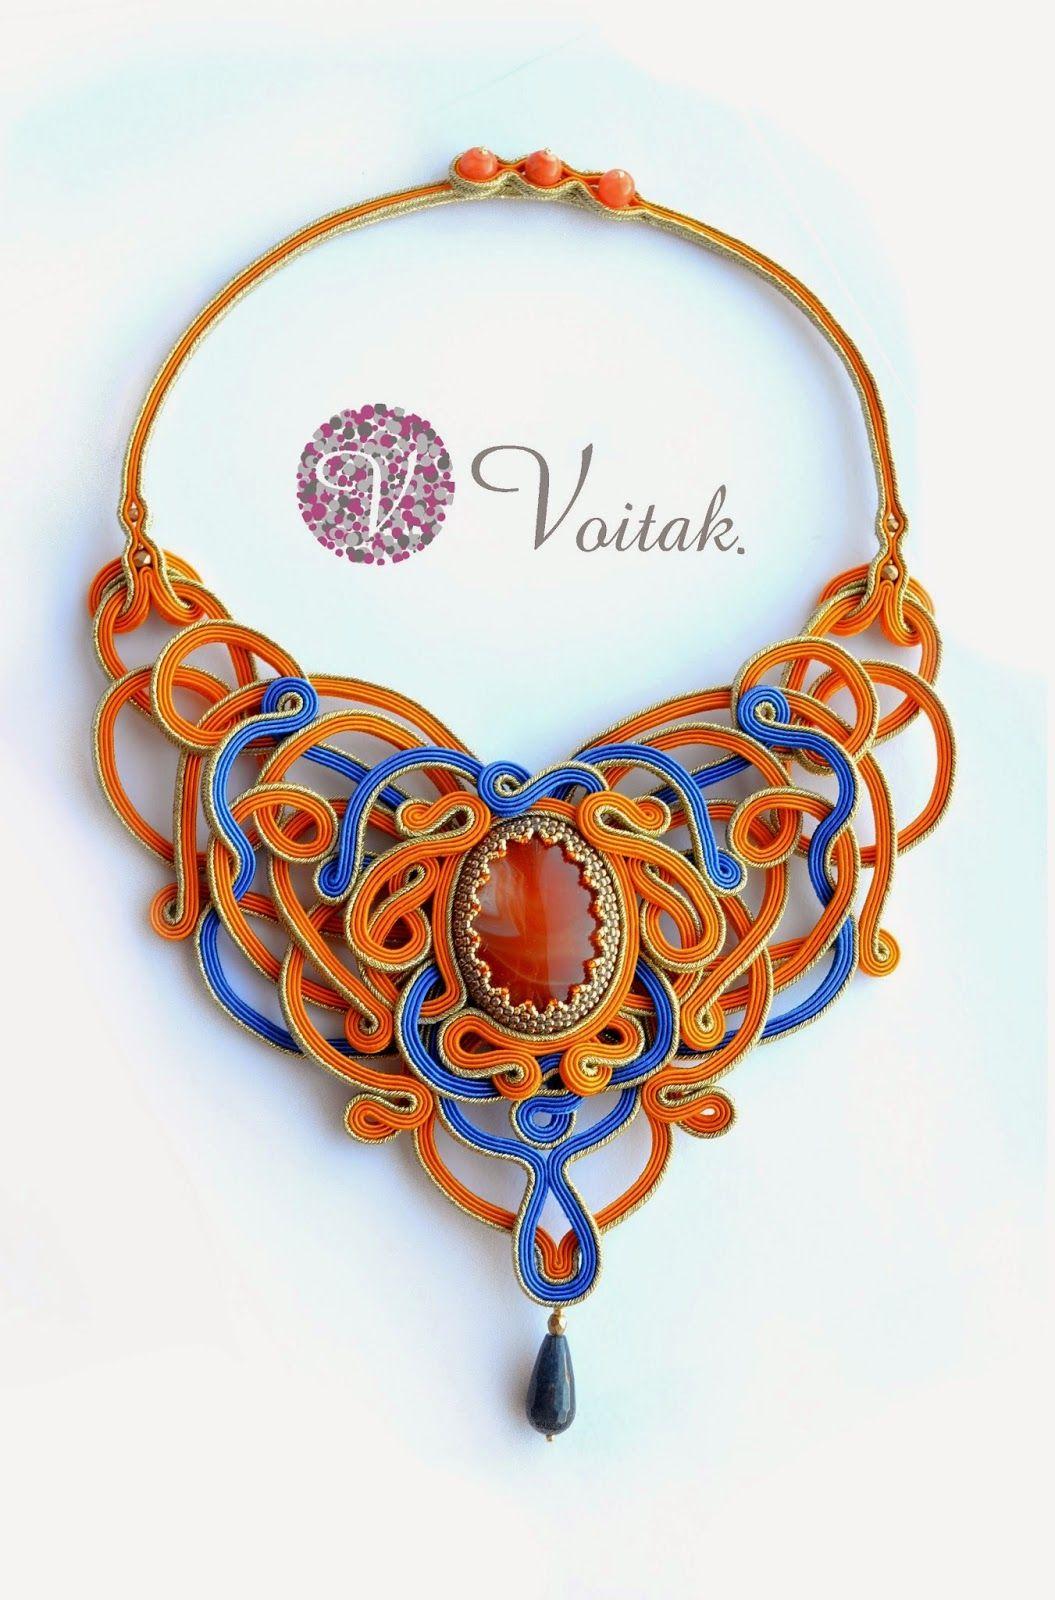 Soutache Jewelry. Artystyczna Biżuteria Autorska Katarzyna Wojtak: #0078 Duquesa. Naszyjnik Sutasz.